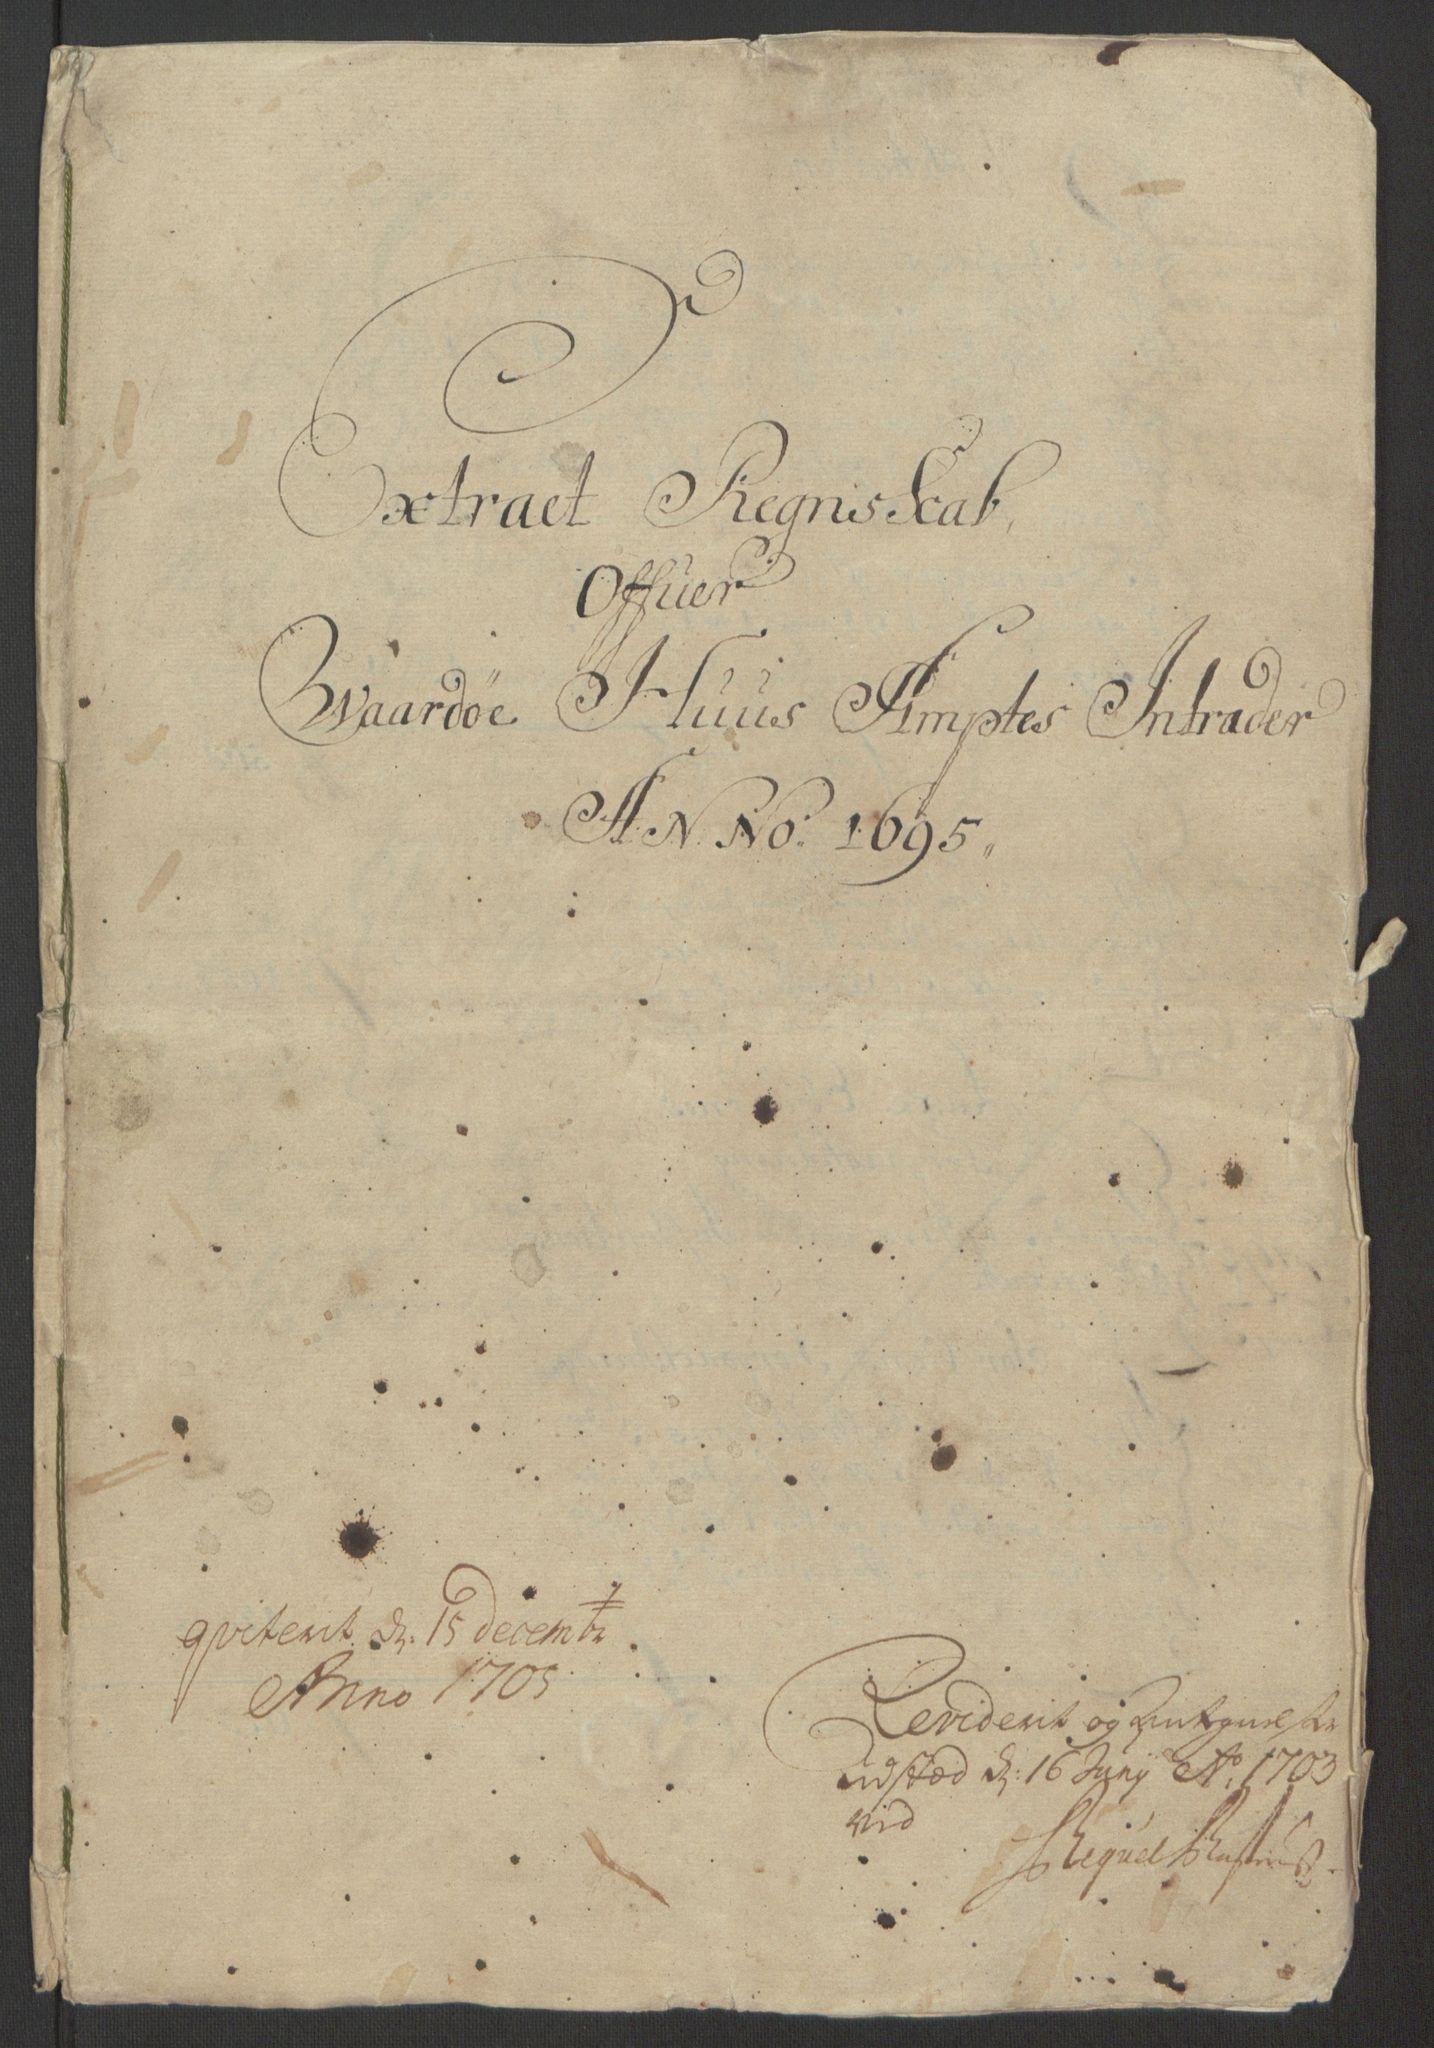 RA, Rentekammeret inntil 1814, Reviderte regnskaper, Fogderegnskap, R69/L4851: Fogderegnskap Finnmark/Vardøhus, 1691-1700, s. 229